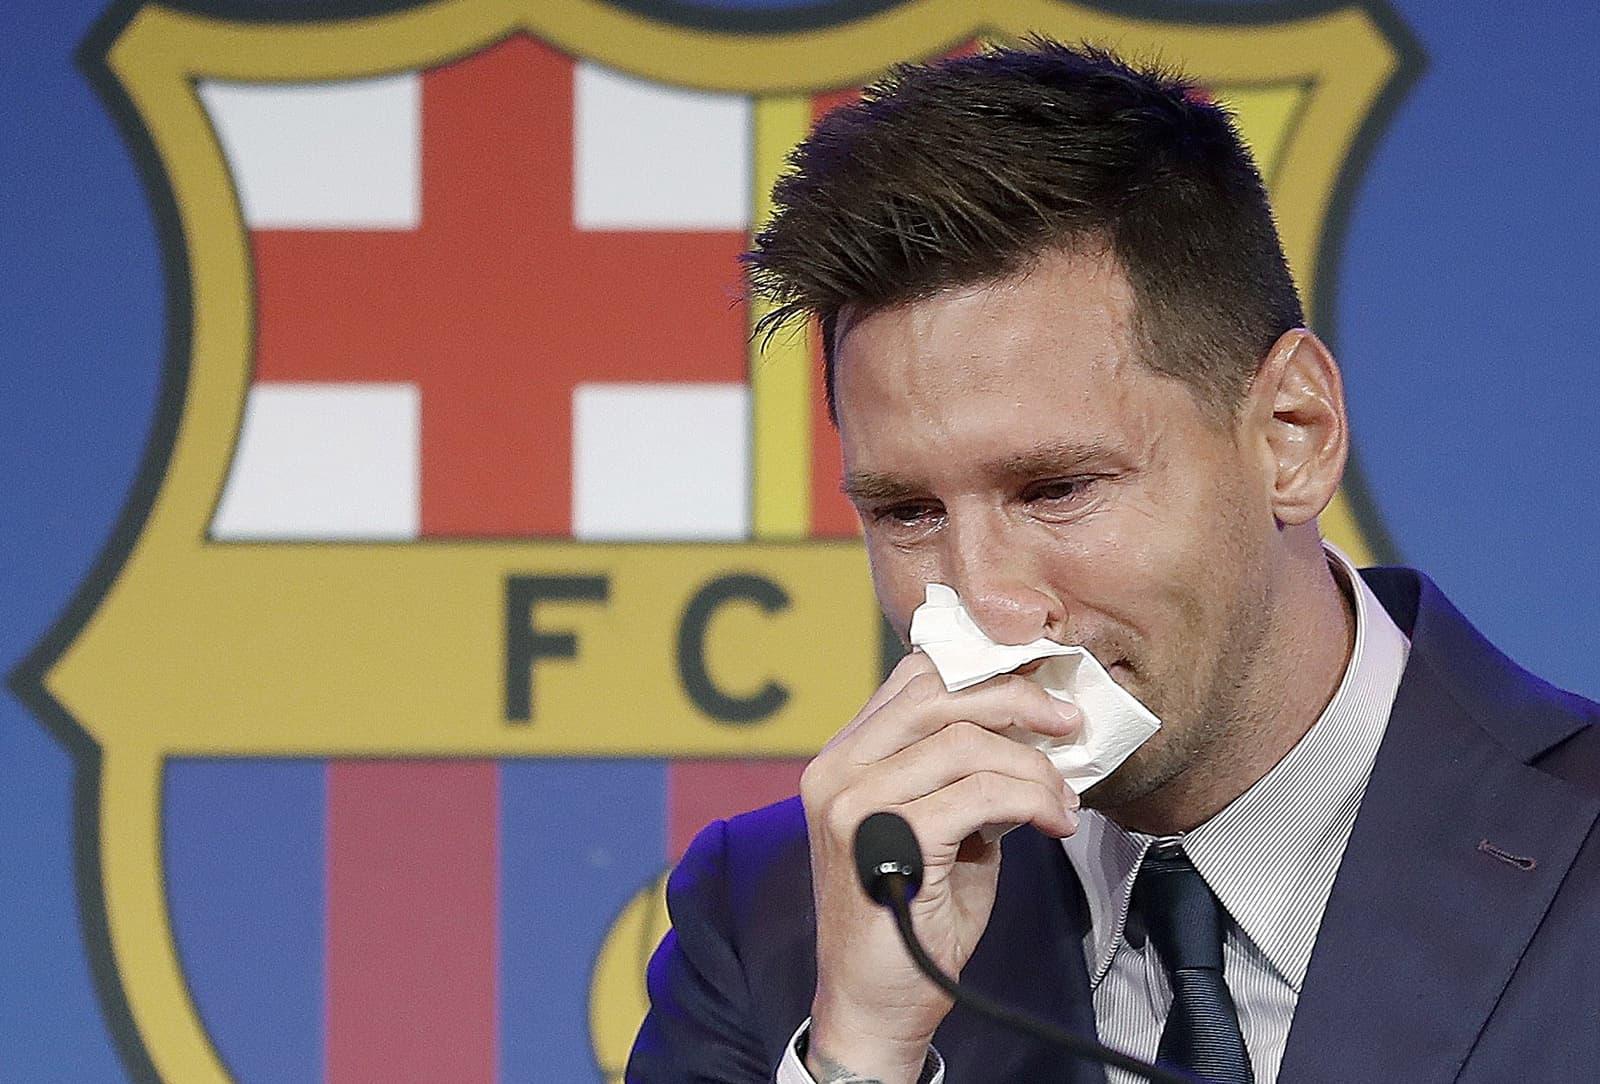 Lionel Messi plorant durant la roda de premsa de comiat al Nou Camp, el 8 d'agost. Fotografia d'Andreu Dalmau. Efe.